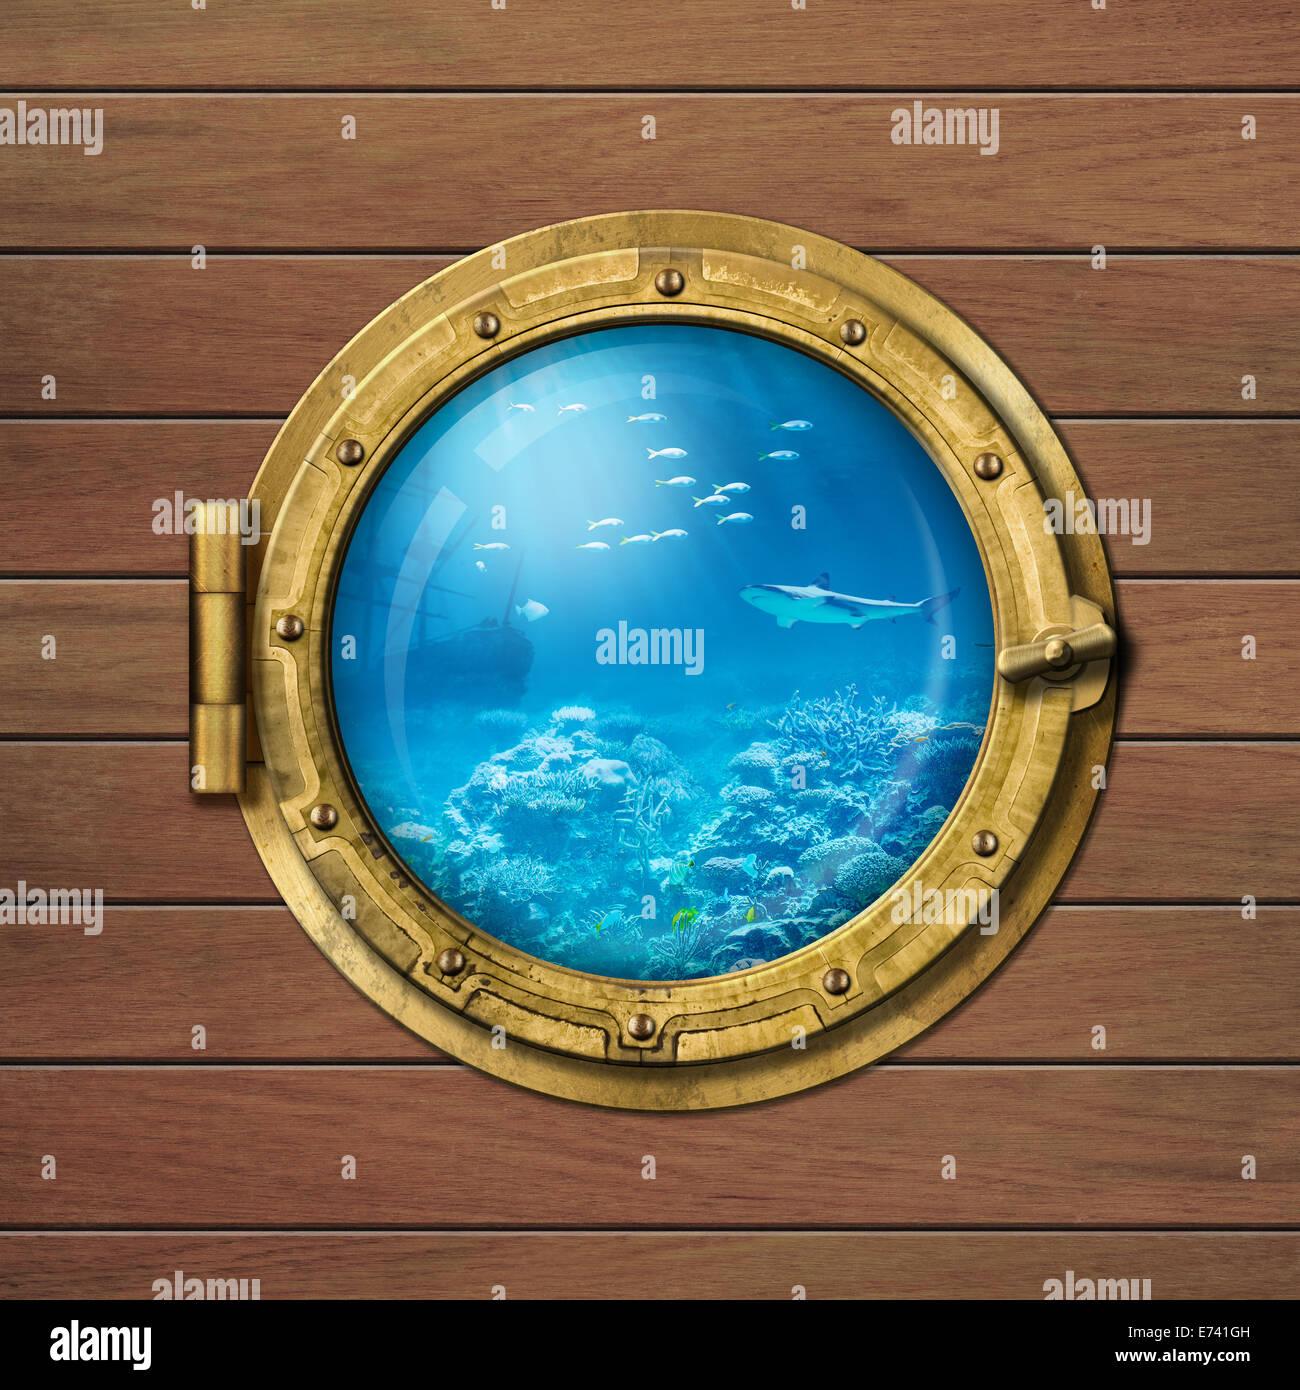 Batiscafo o submarino submarino portillas Imagen De Stock